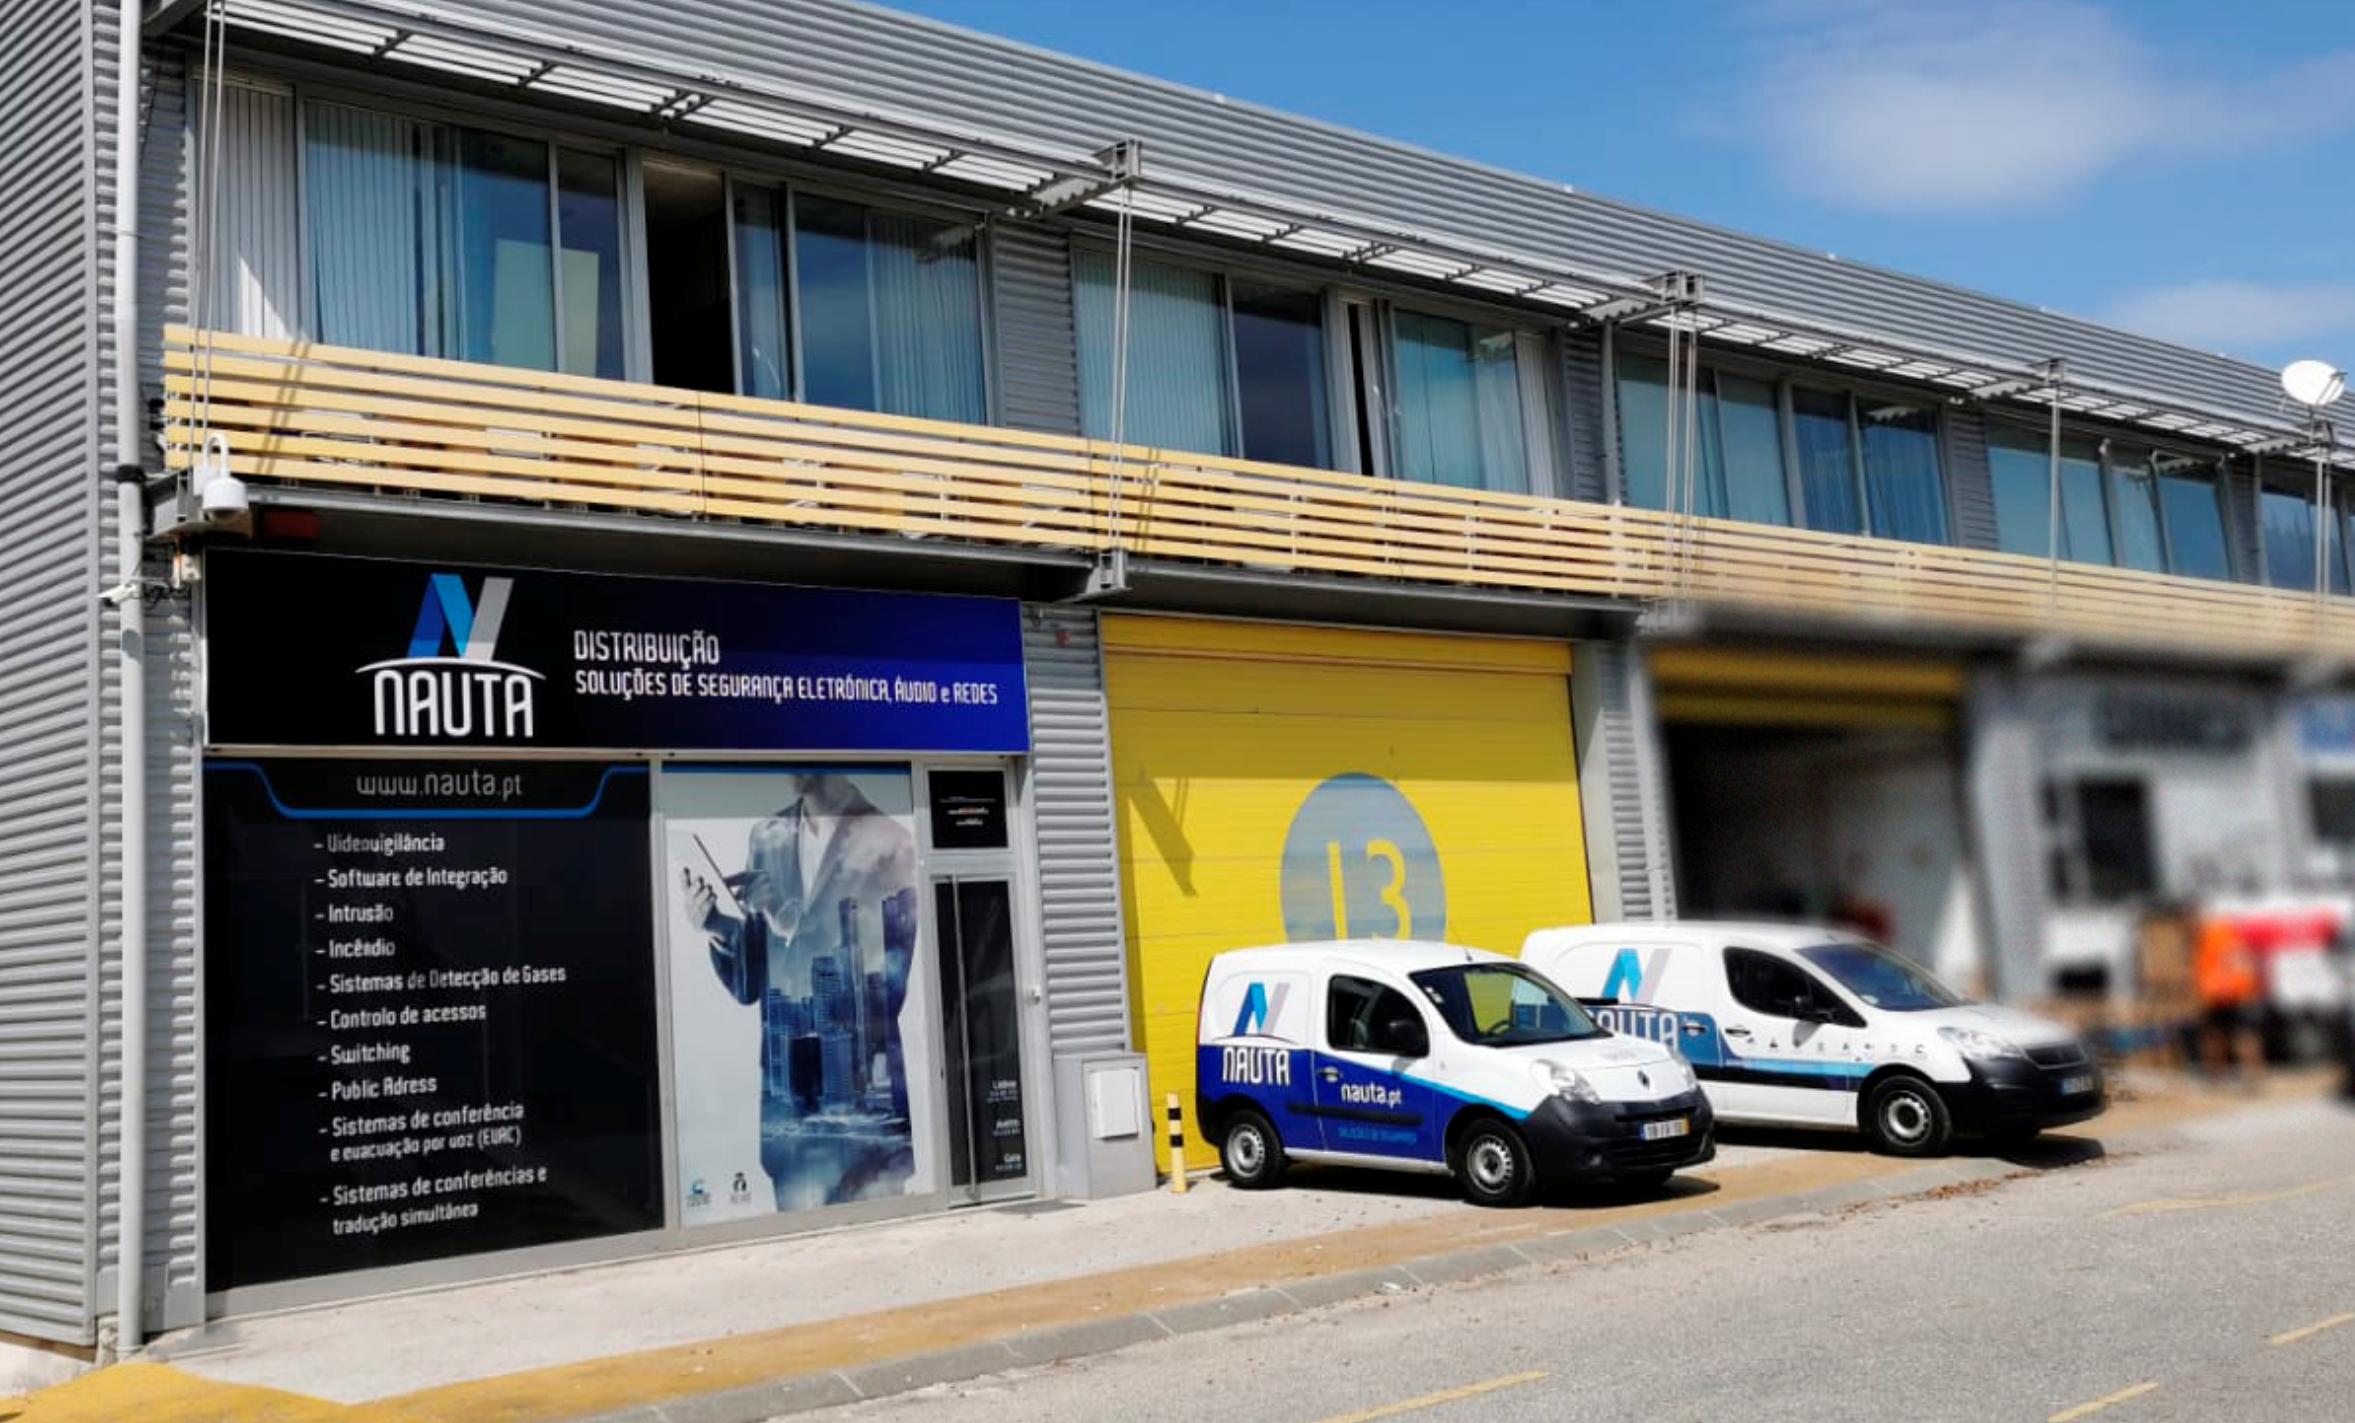 Mudança de Instalações em Lisboa